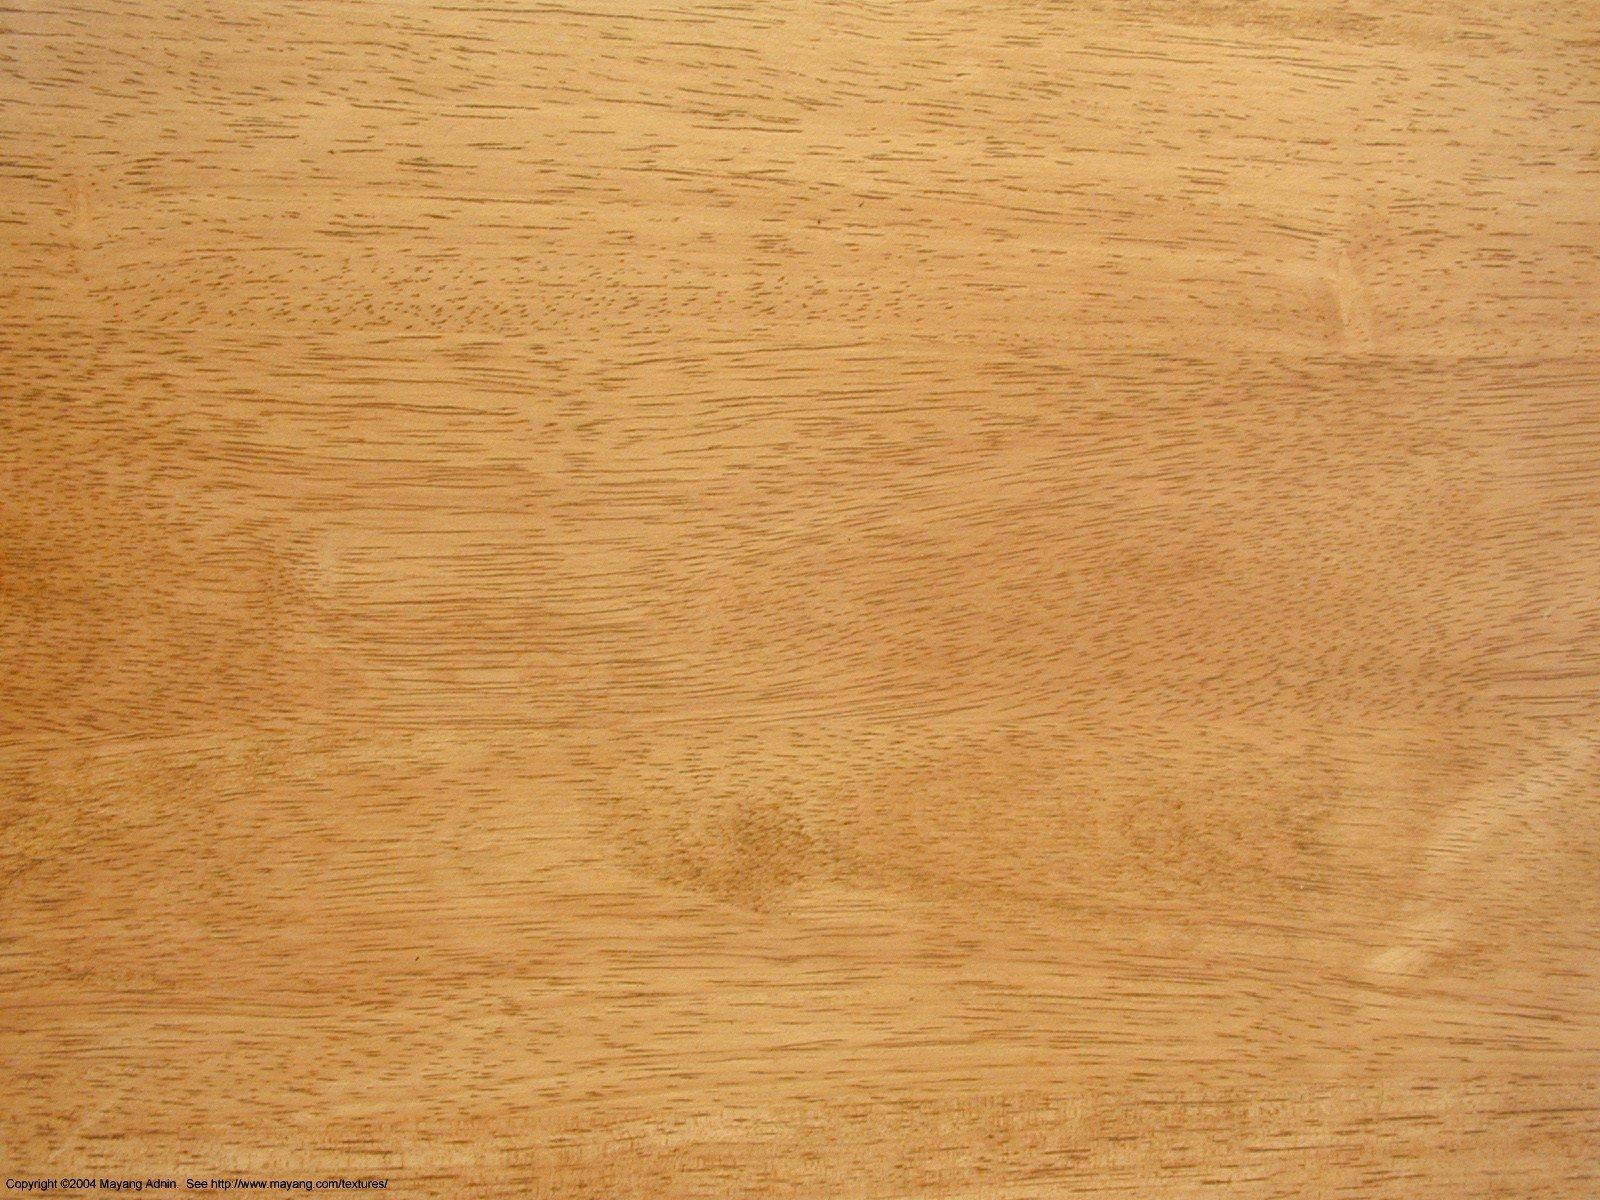 Light Wood Texture : Light wood textures wallpaper  1600x1200  316056  WallpaperUP